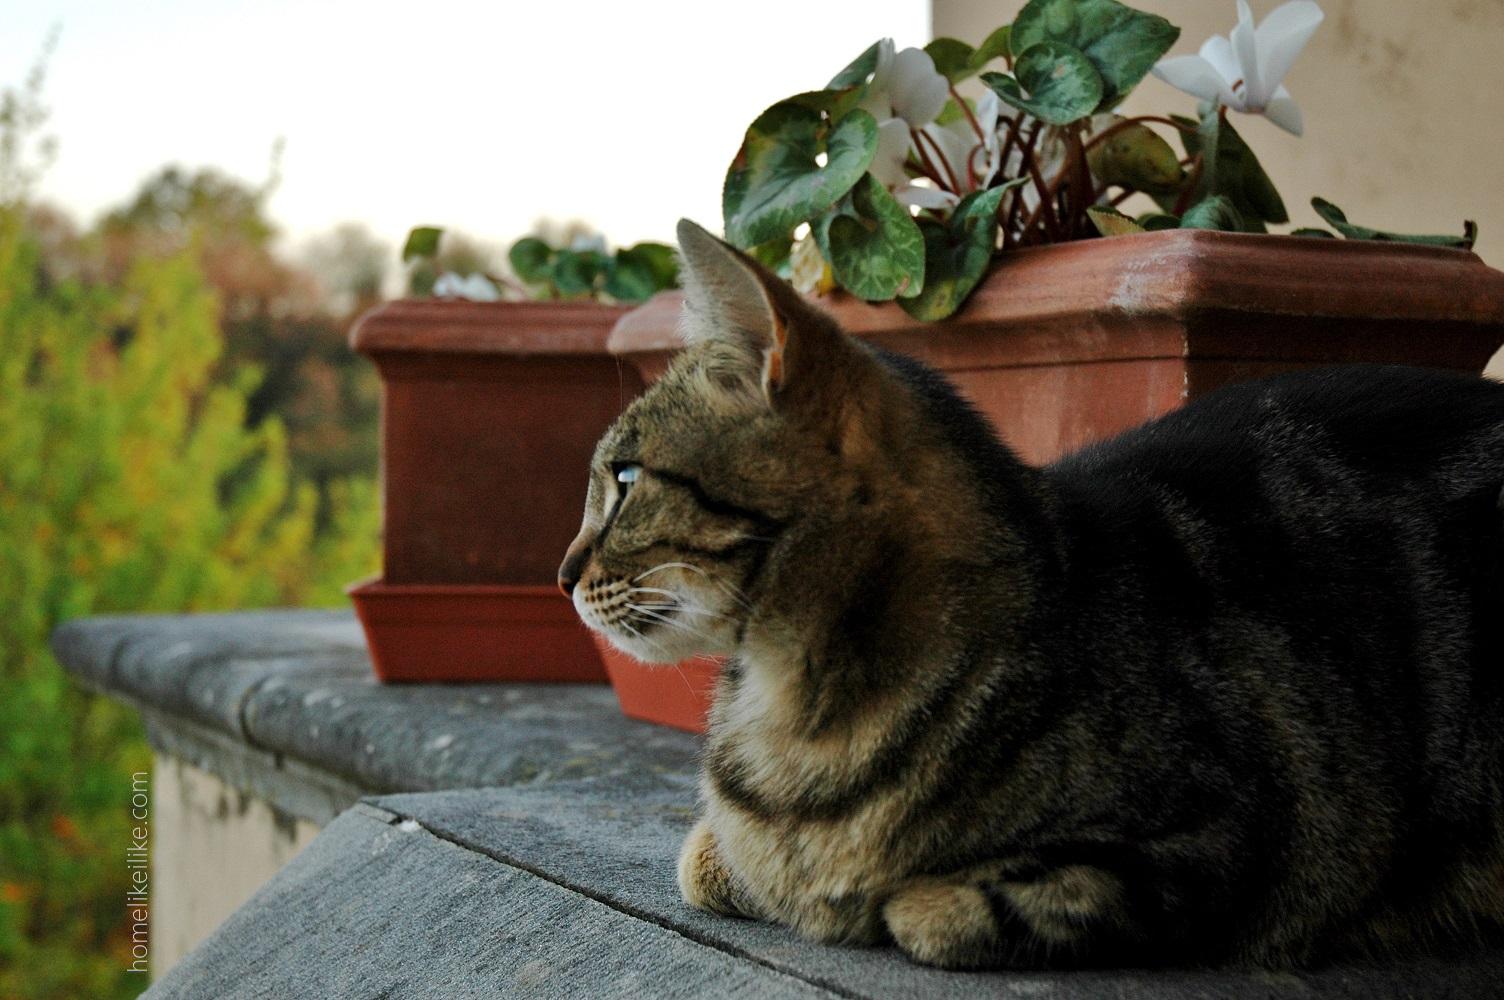 tuscany cat - homelikeilike.com